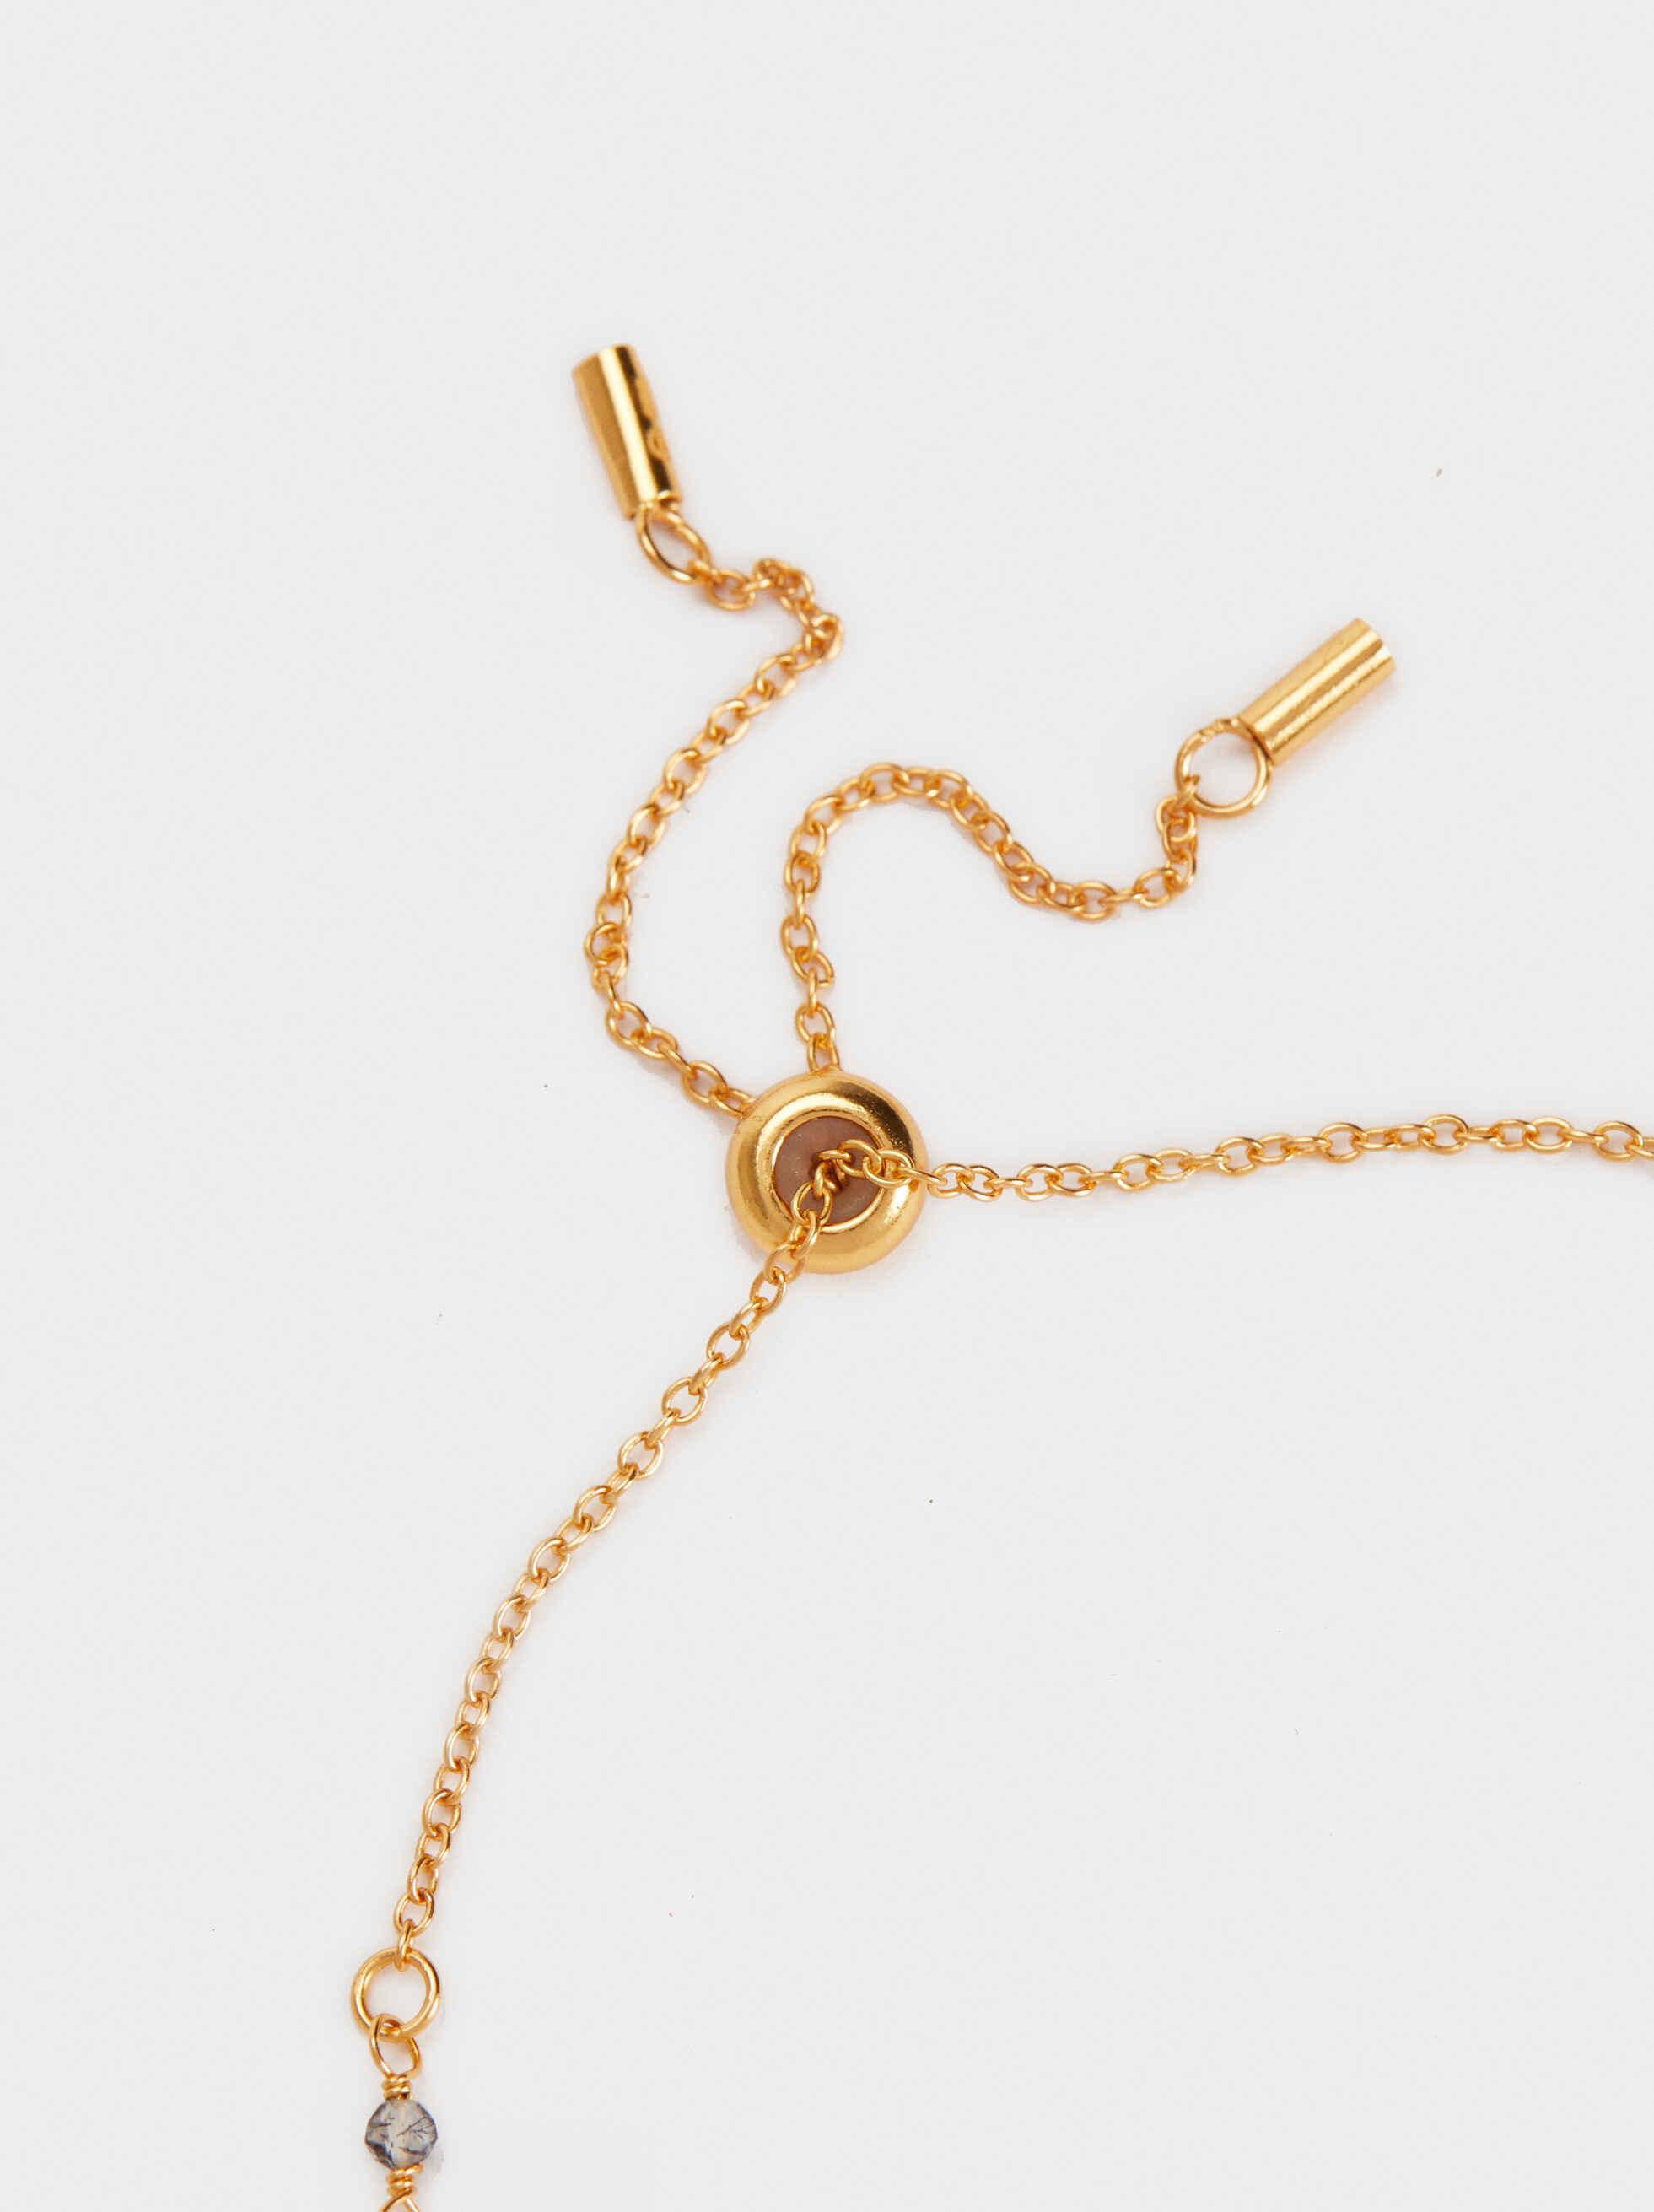 925 Silver Adjustable Bracelet With Medal Charms, Grey, hi-res